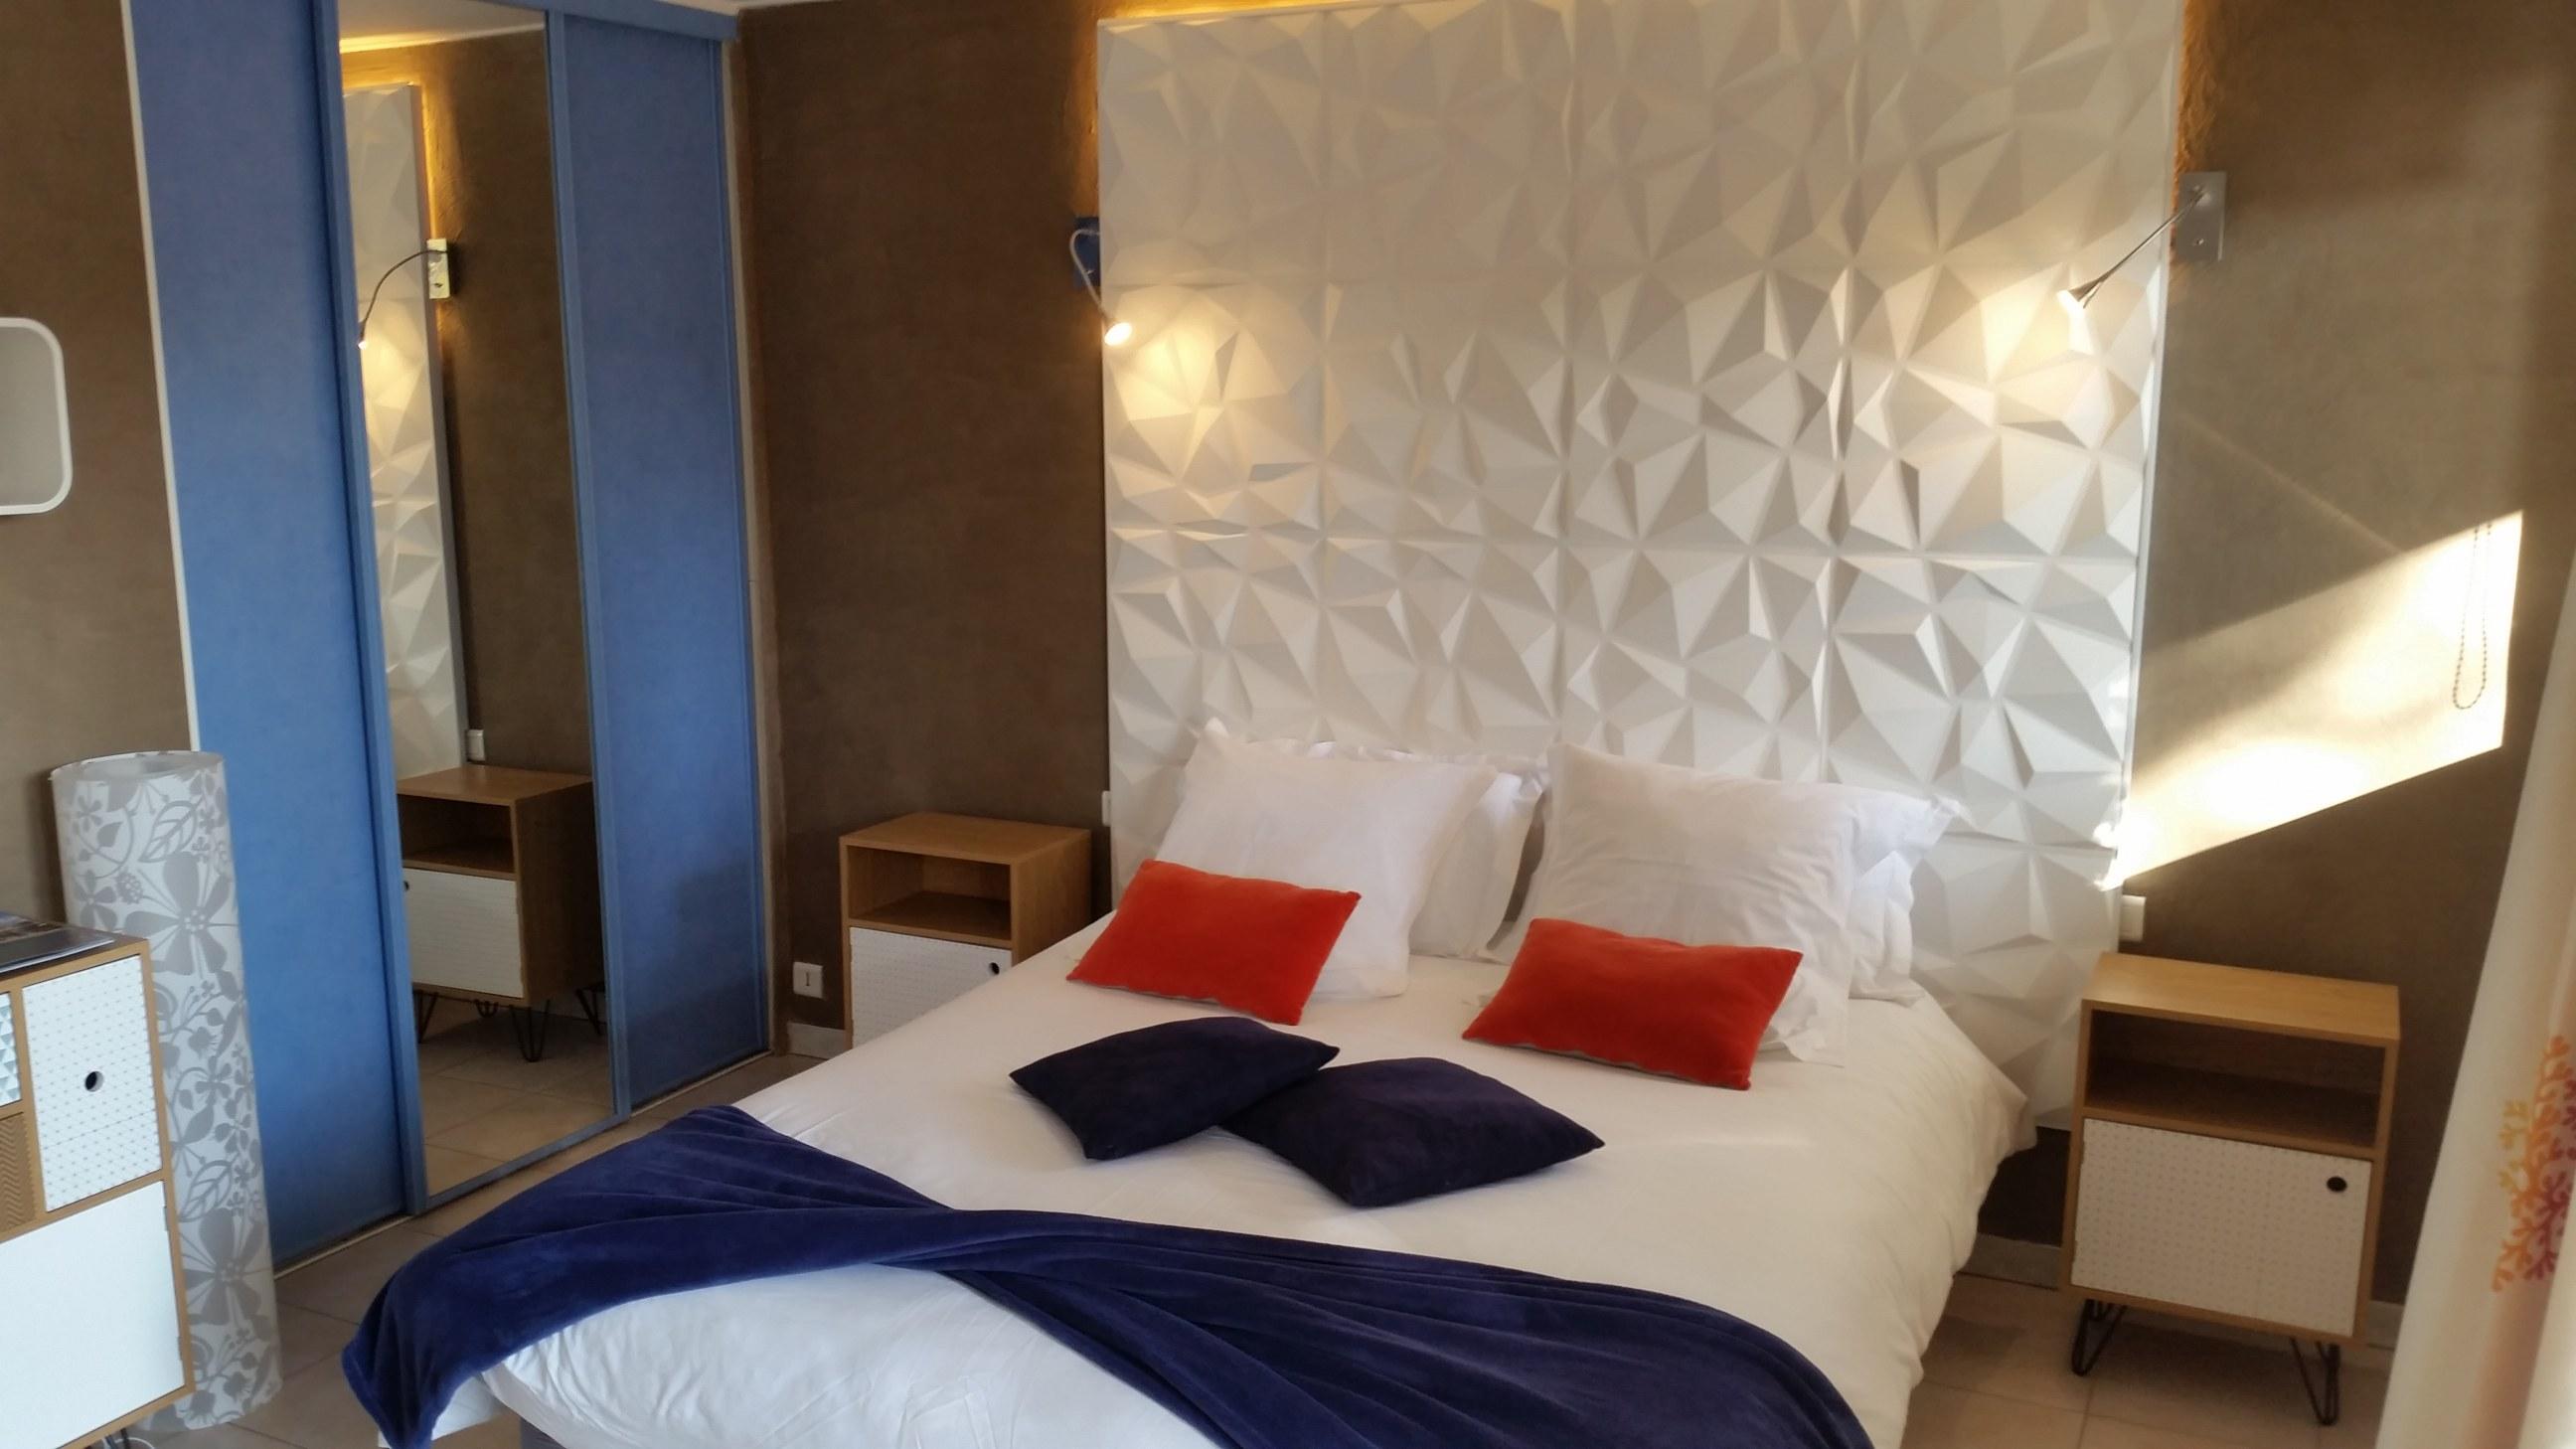 Lit_chambres_d'hotes_Matisse_St-Raphael_fréjus